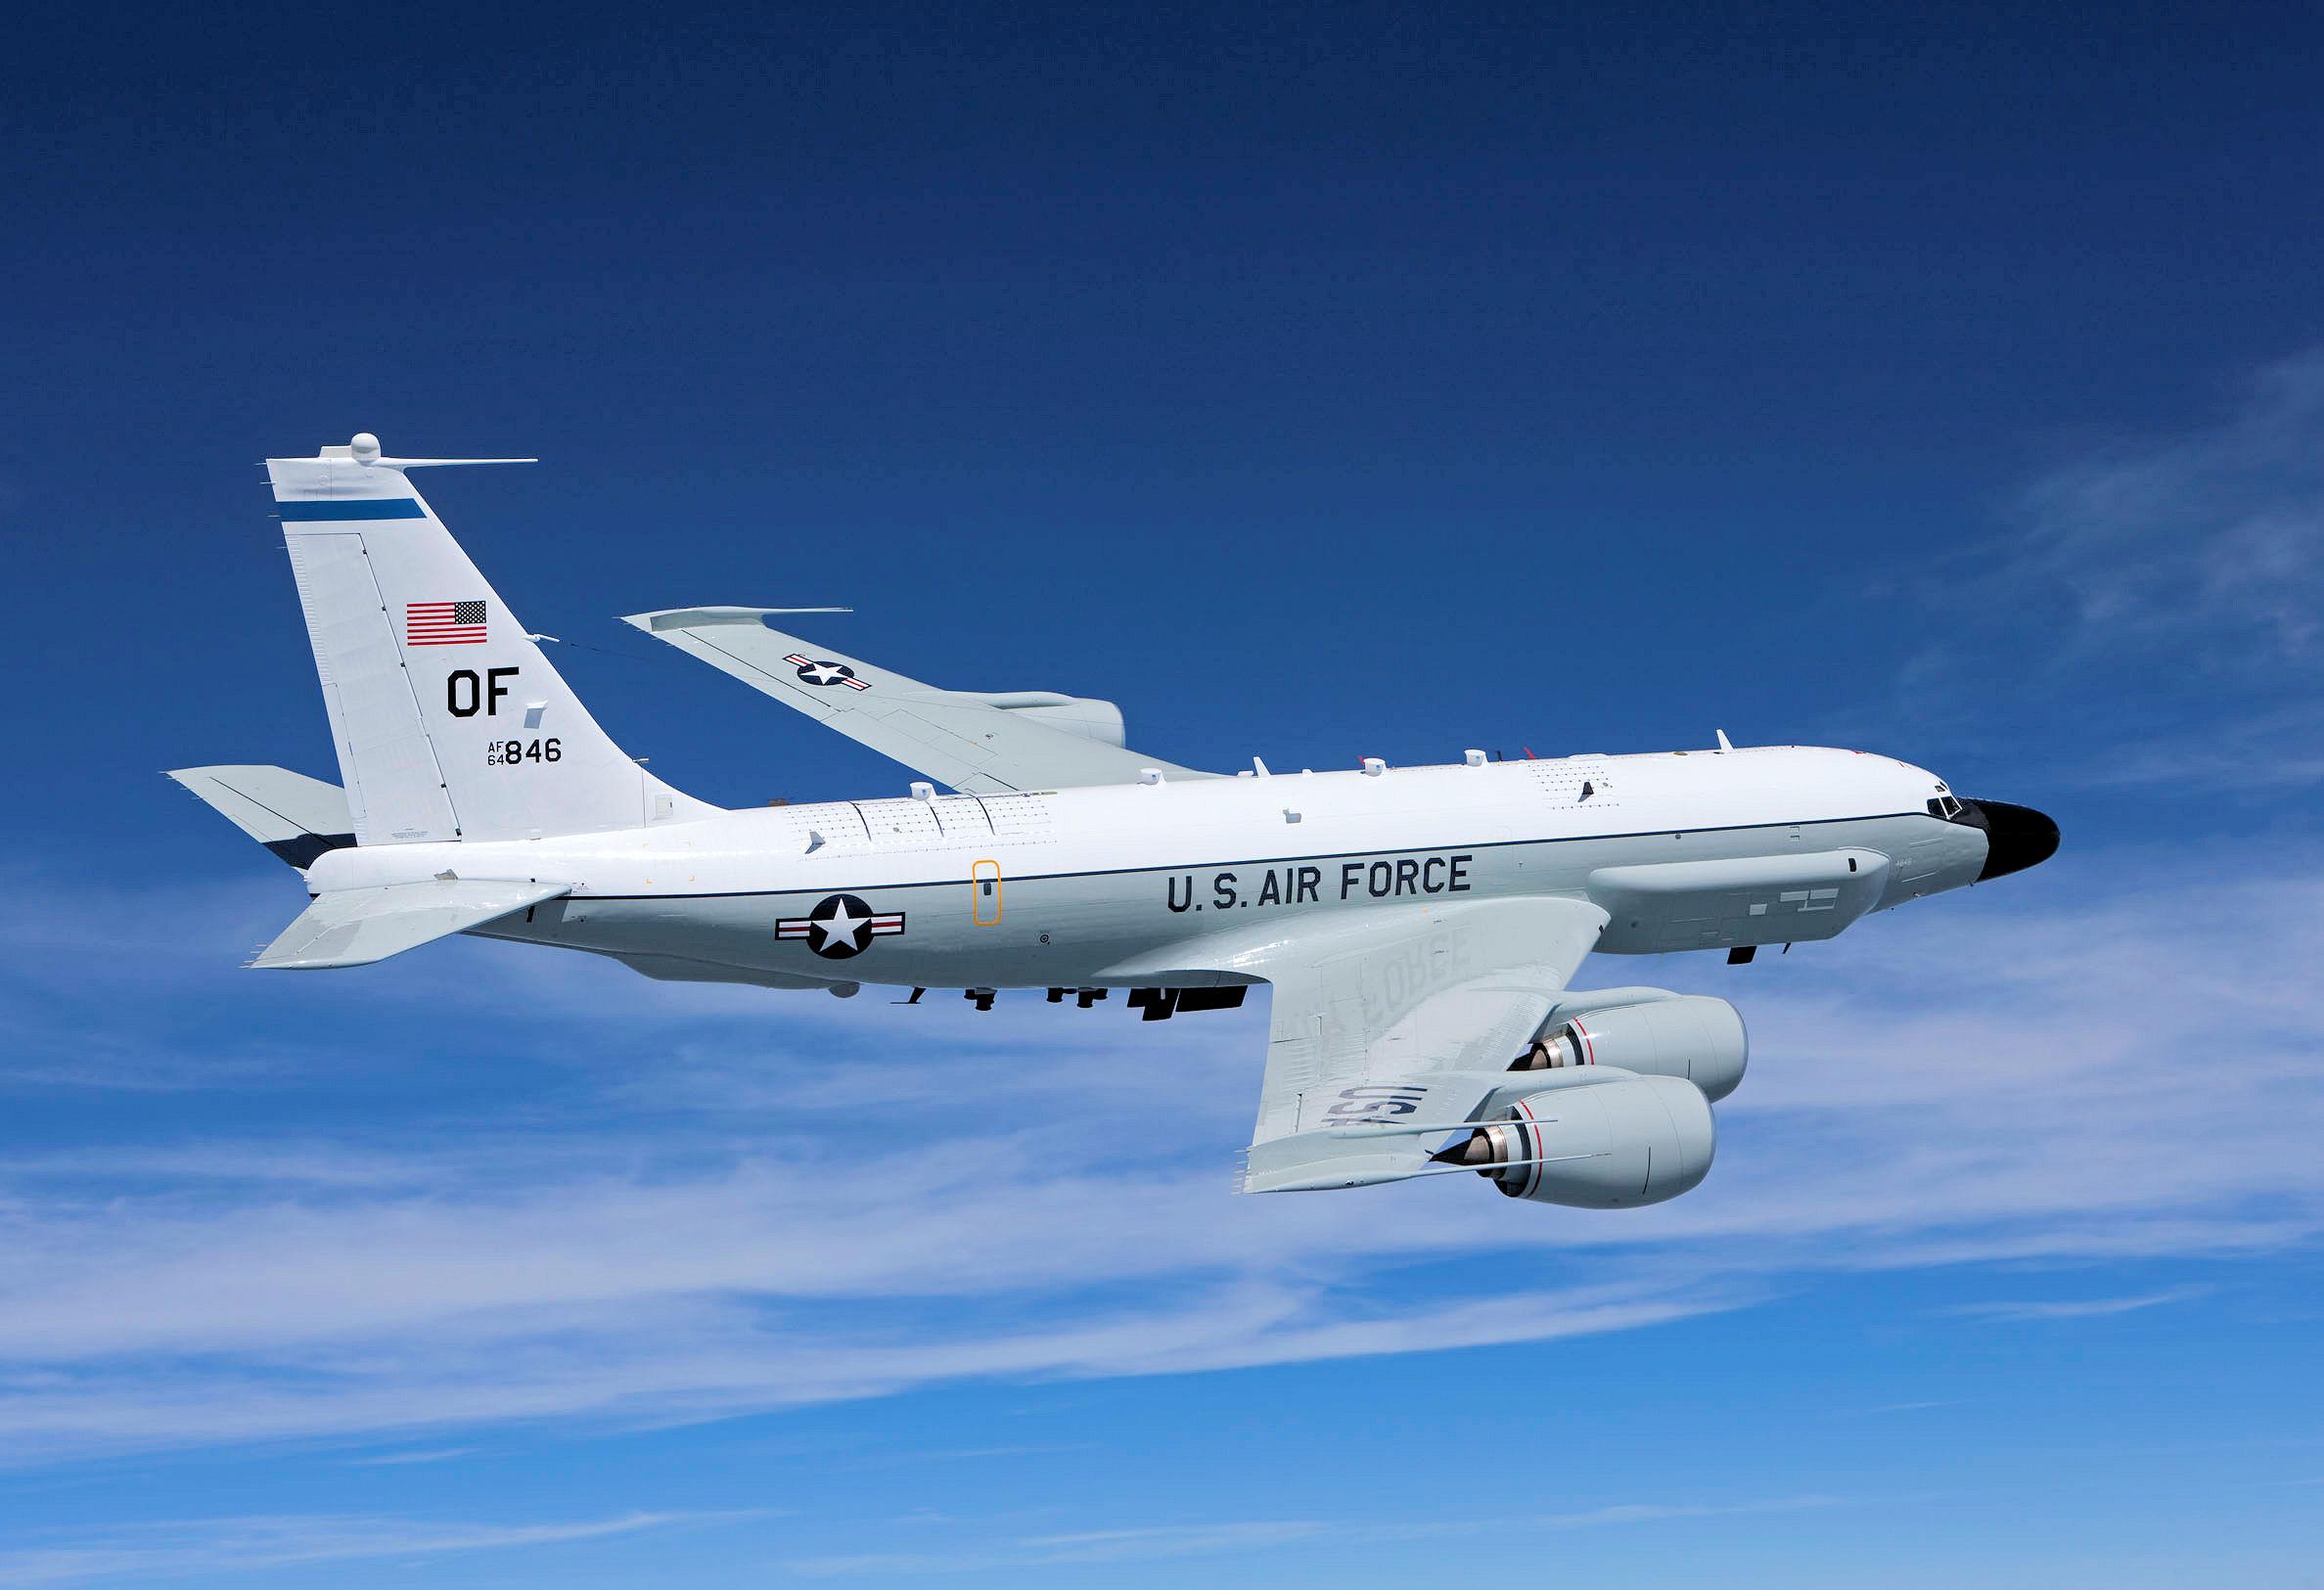 美电子战侦察机悄然出动 飞向克里米亚半岛沿岸